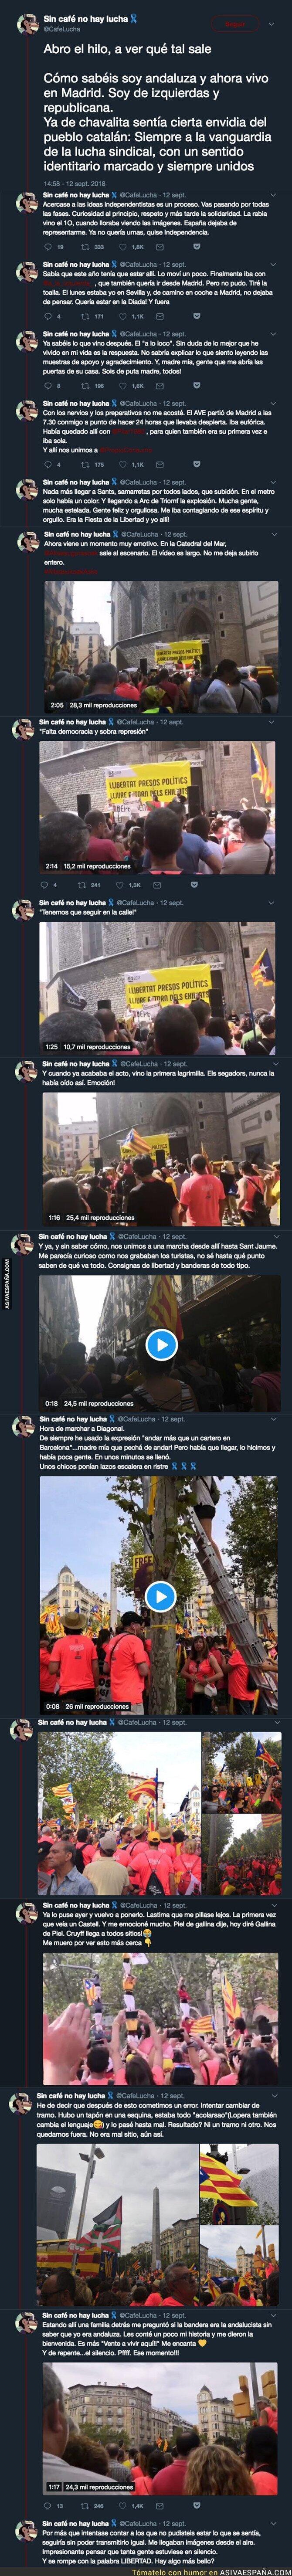 93121 - La emotiva historia de una andaluza viviendo la diada de Catalunya por primera vez